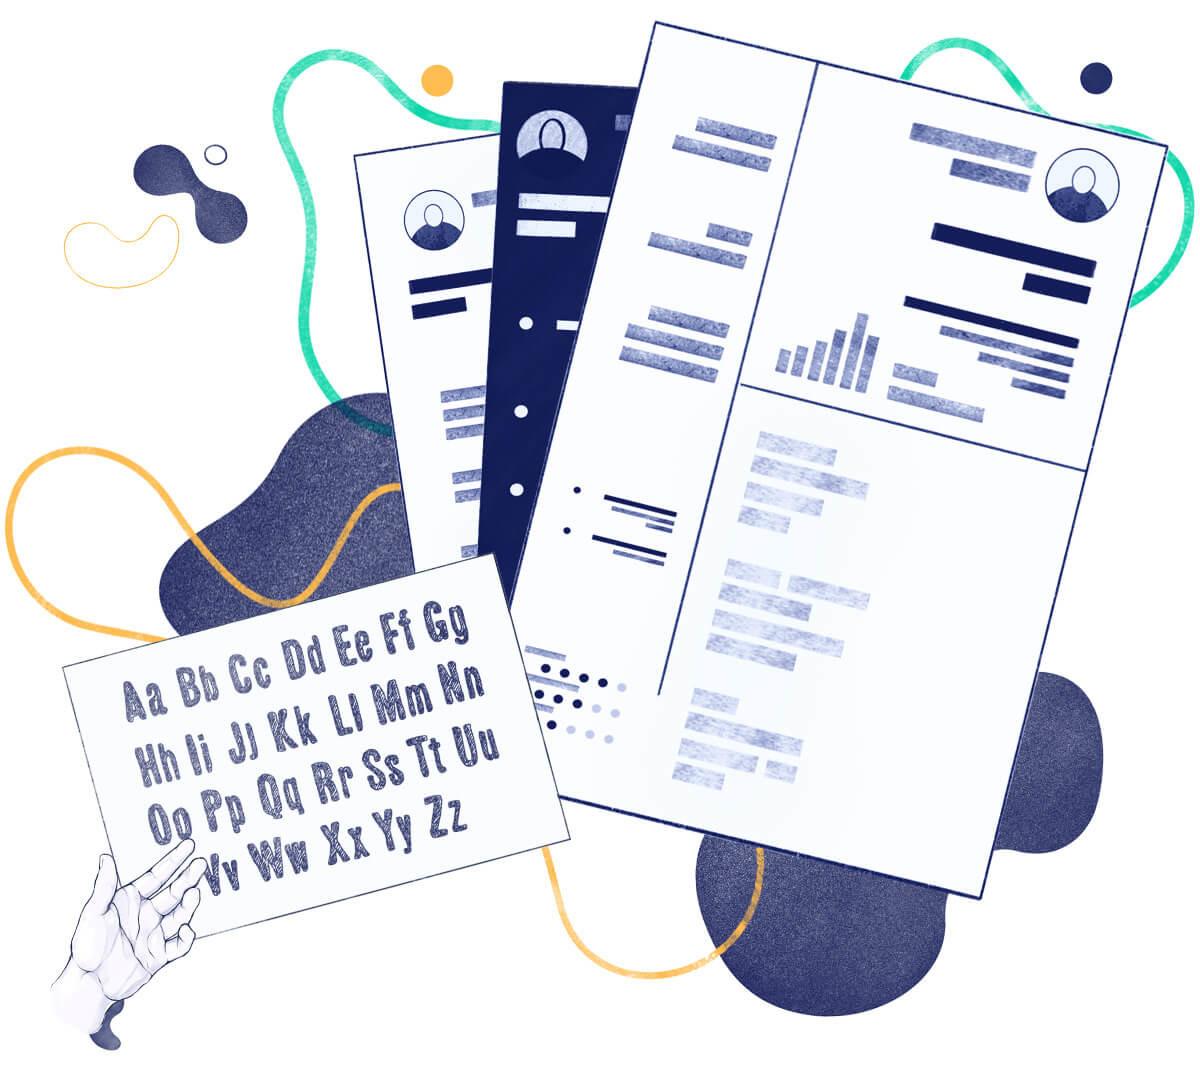 Teacher Cover Letter: Samples for Teaching Job Posts